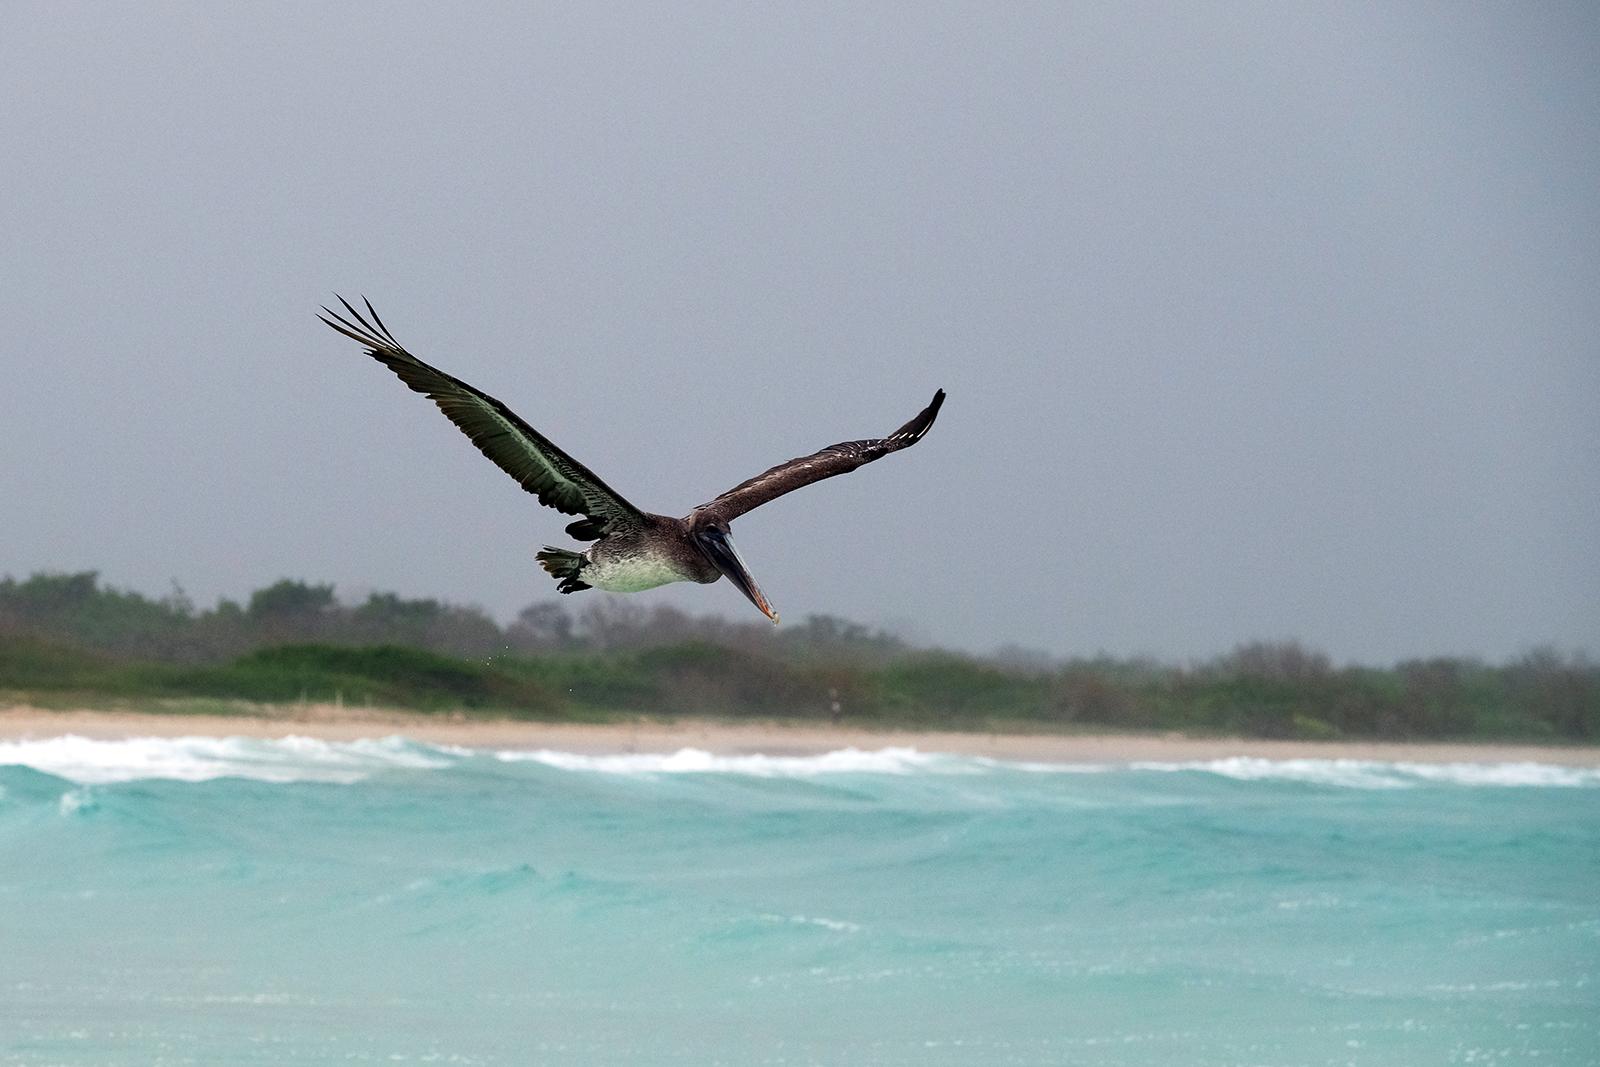 03_playa_grande_03_pelicano_volando.JPG